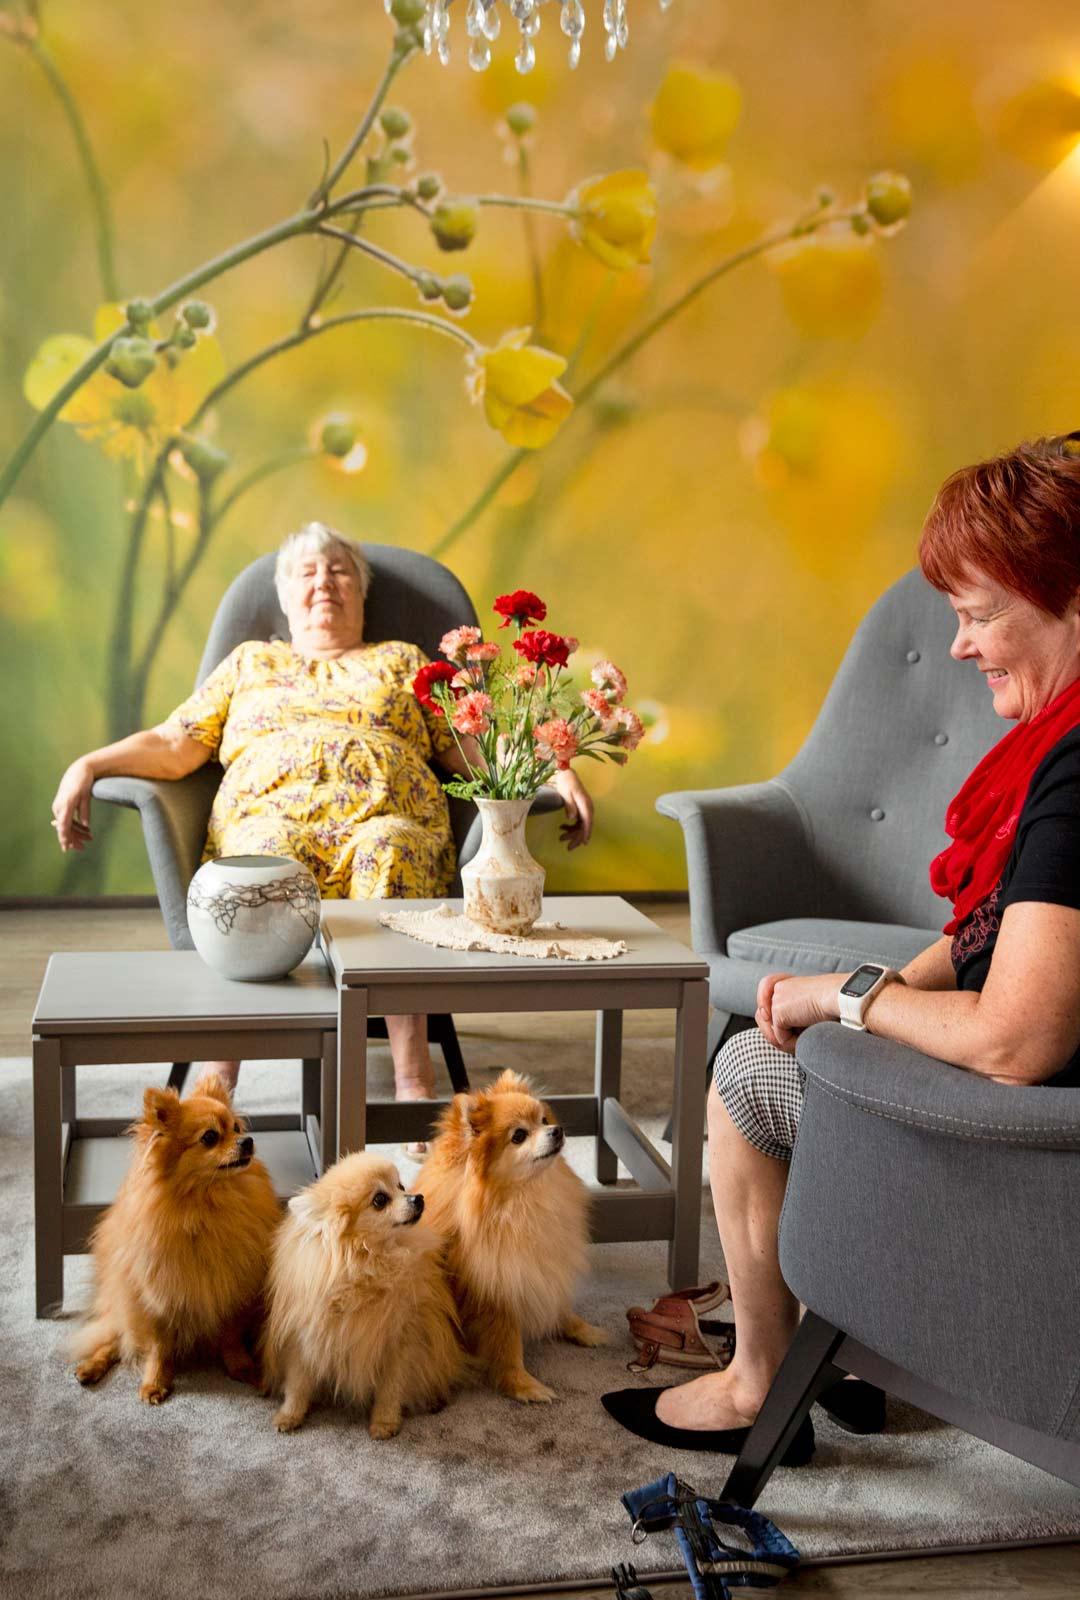 Virkkulankylän asukas Sinikka Rouhiainen sai vieraakseen tyttärensä Kirsi Sauran ja kleinspitz-rodun koirat.